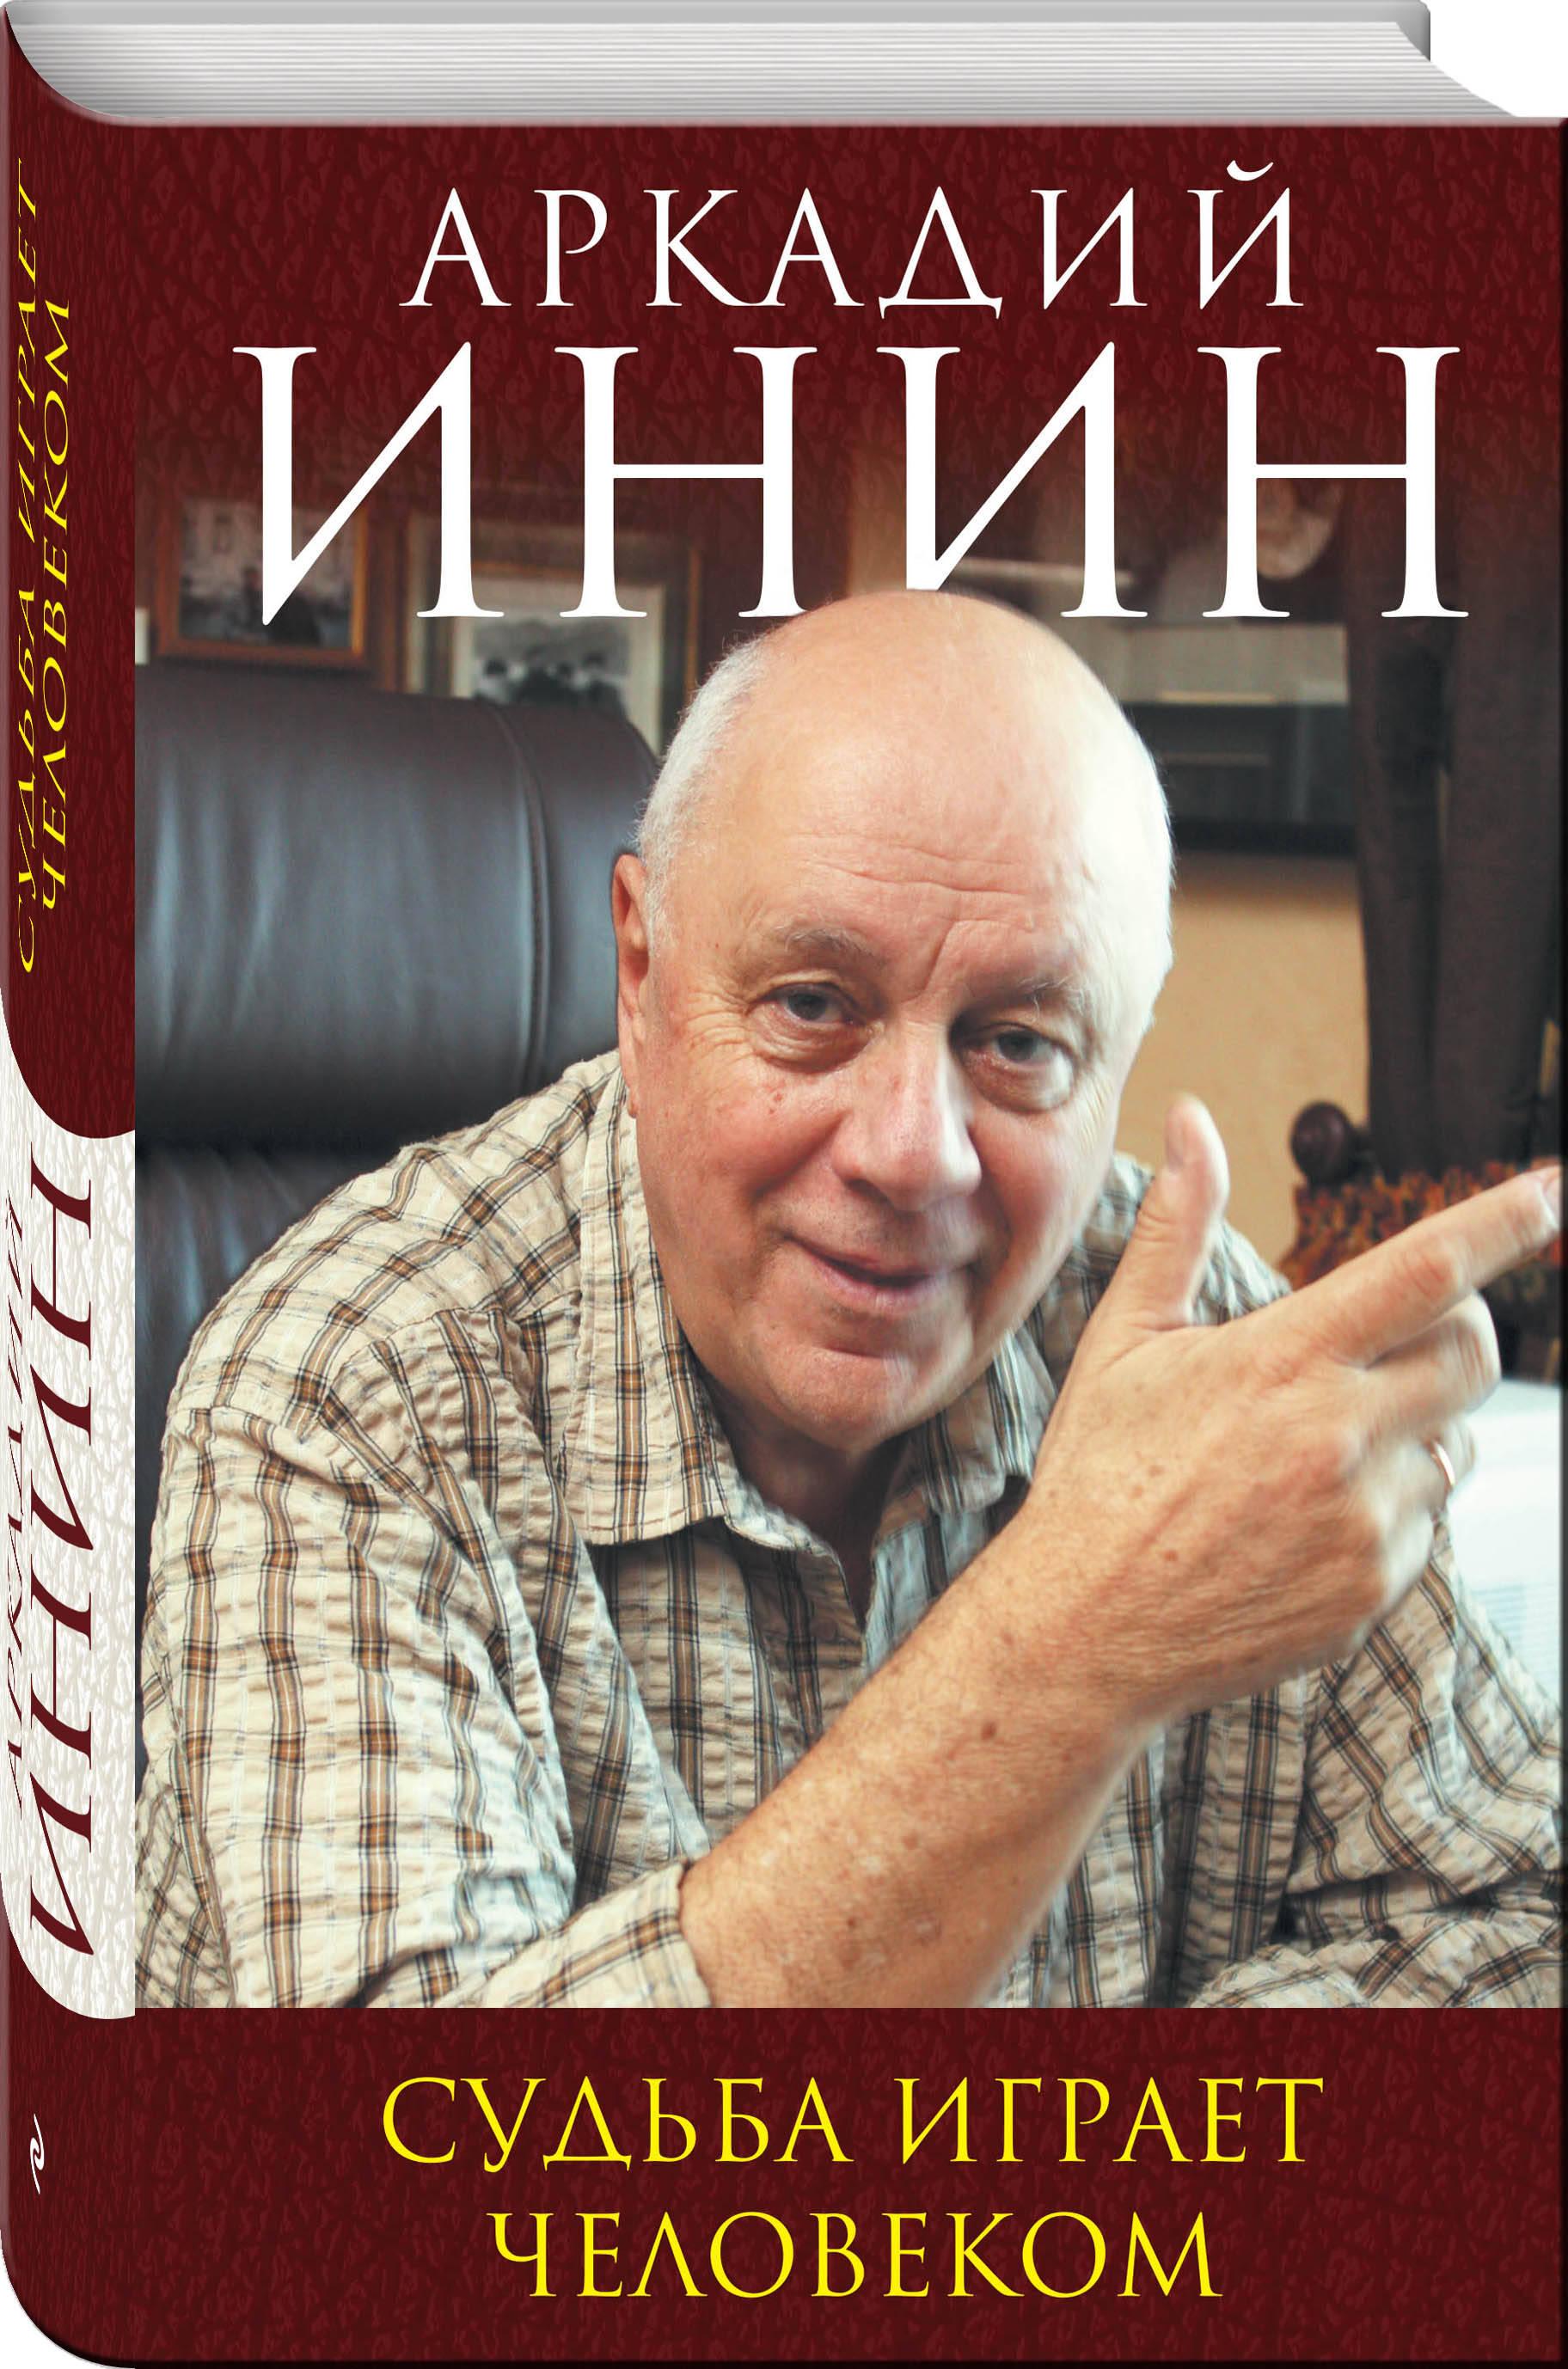 Аркадий Инин Судьба играет человеком аркадий инин женщина от а до я юмористическая энциклопедия